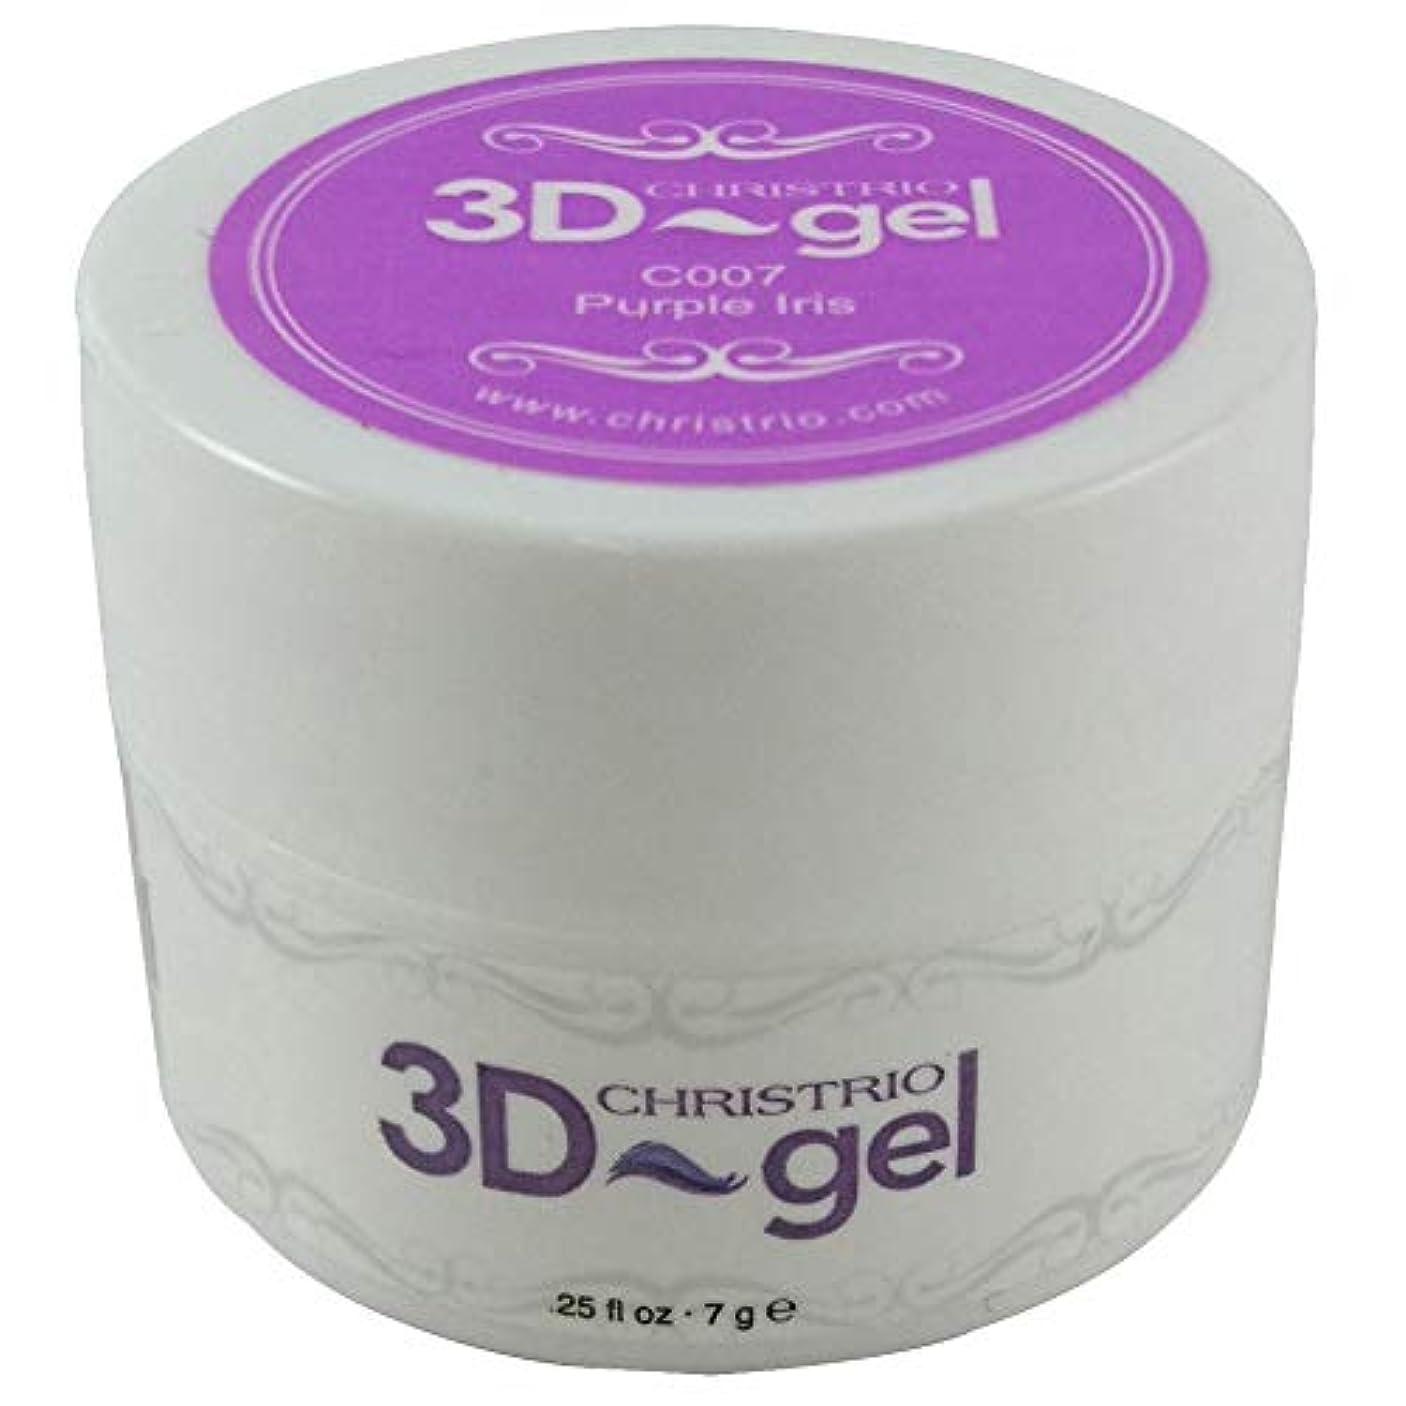 とても誓う重量CHRISTRIO 3Dジェル 7g C007 パープルアイリス